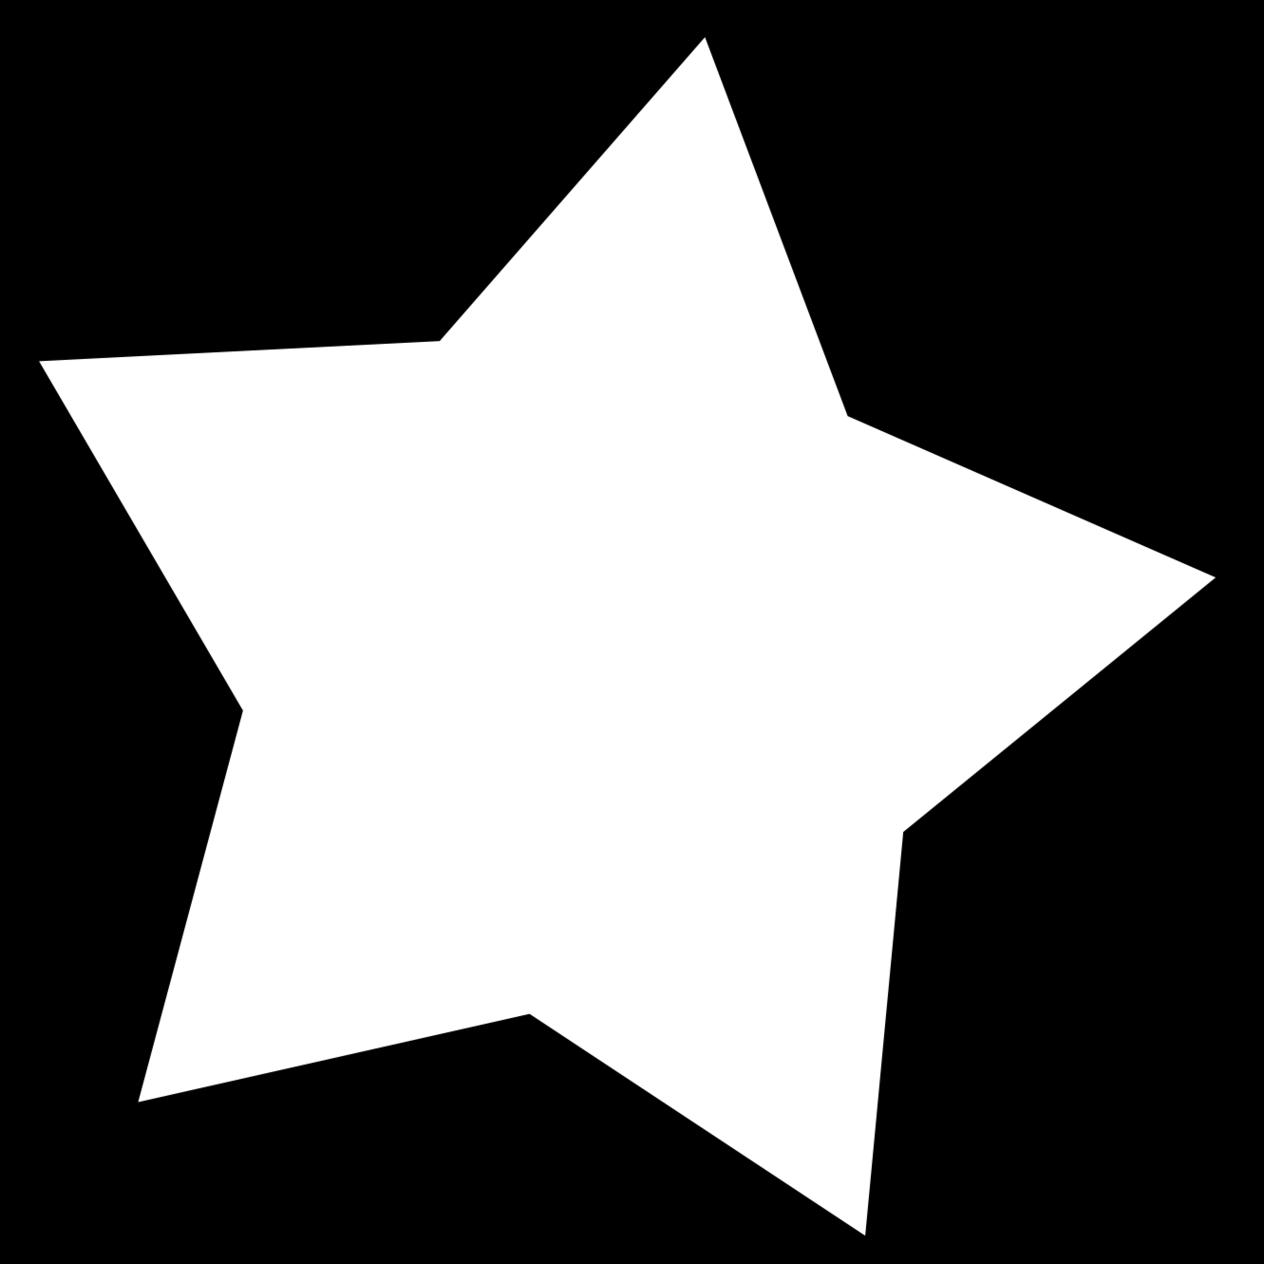 93 white star.